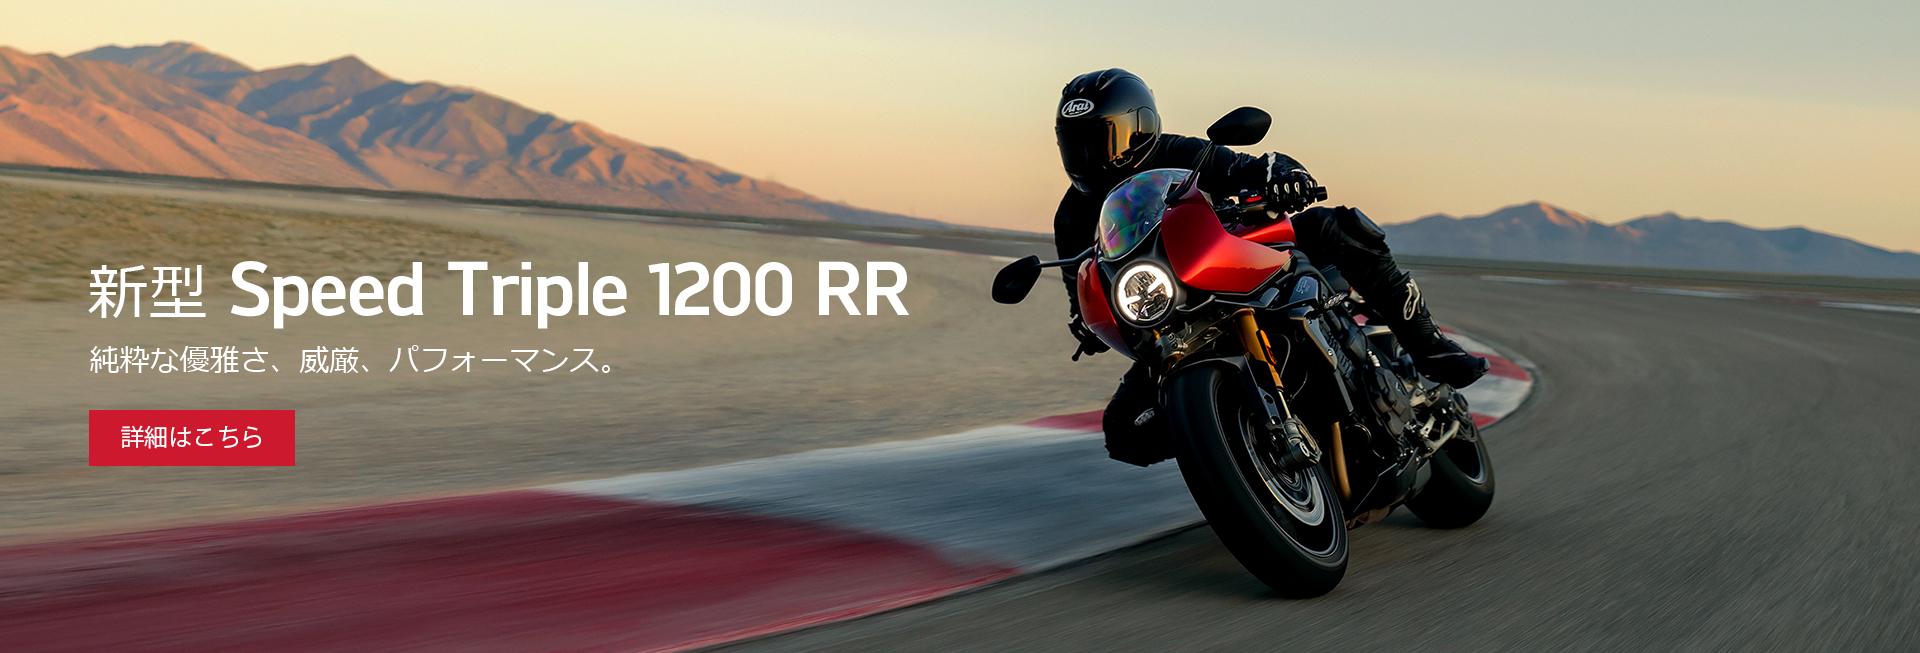 純粋な優雅さ、威厳、パフォーマンス 新型 Speed Triple 1200 RR